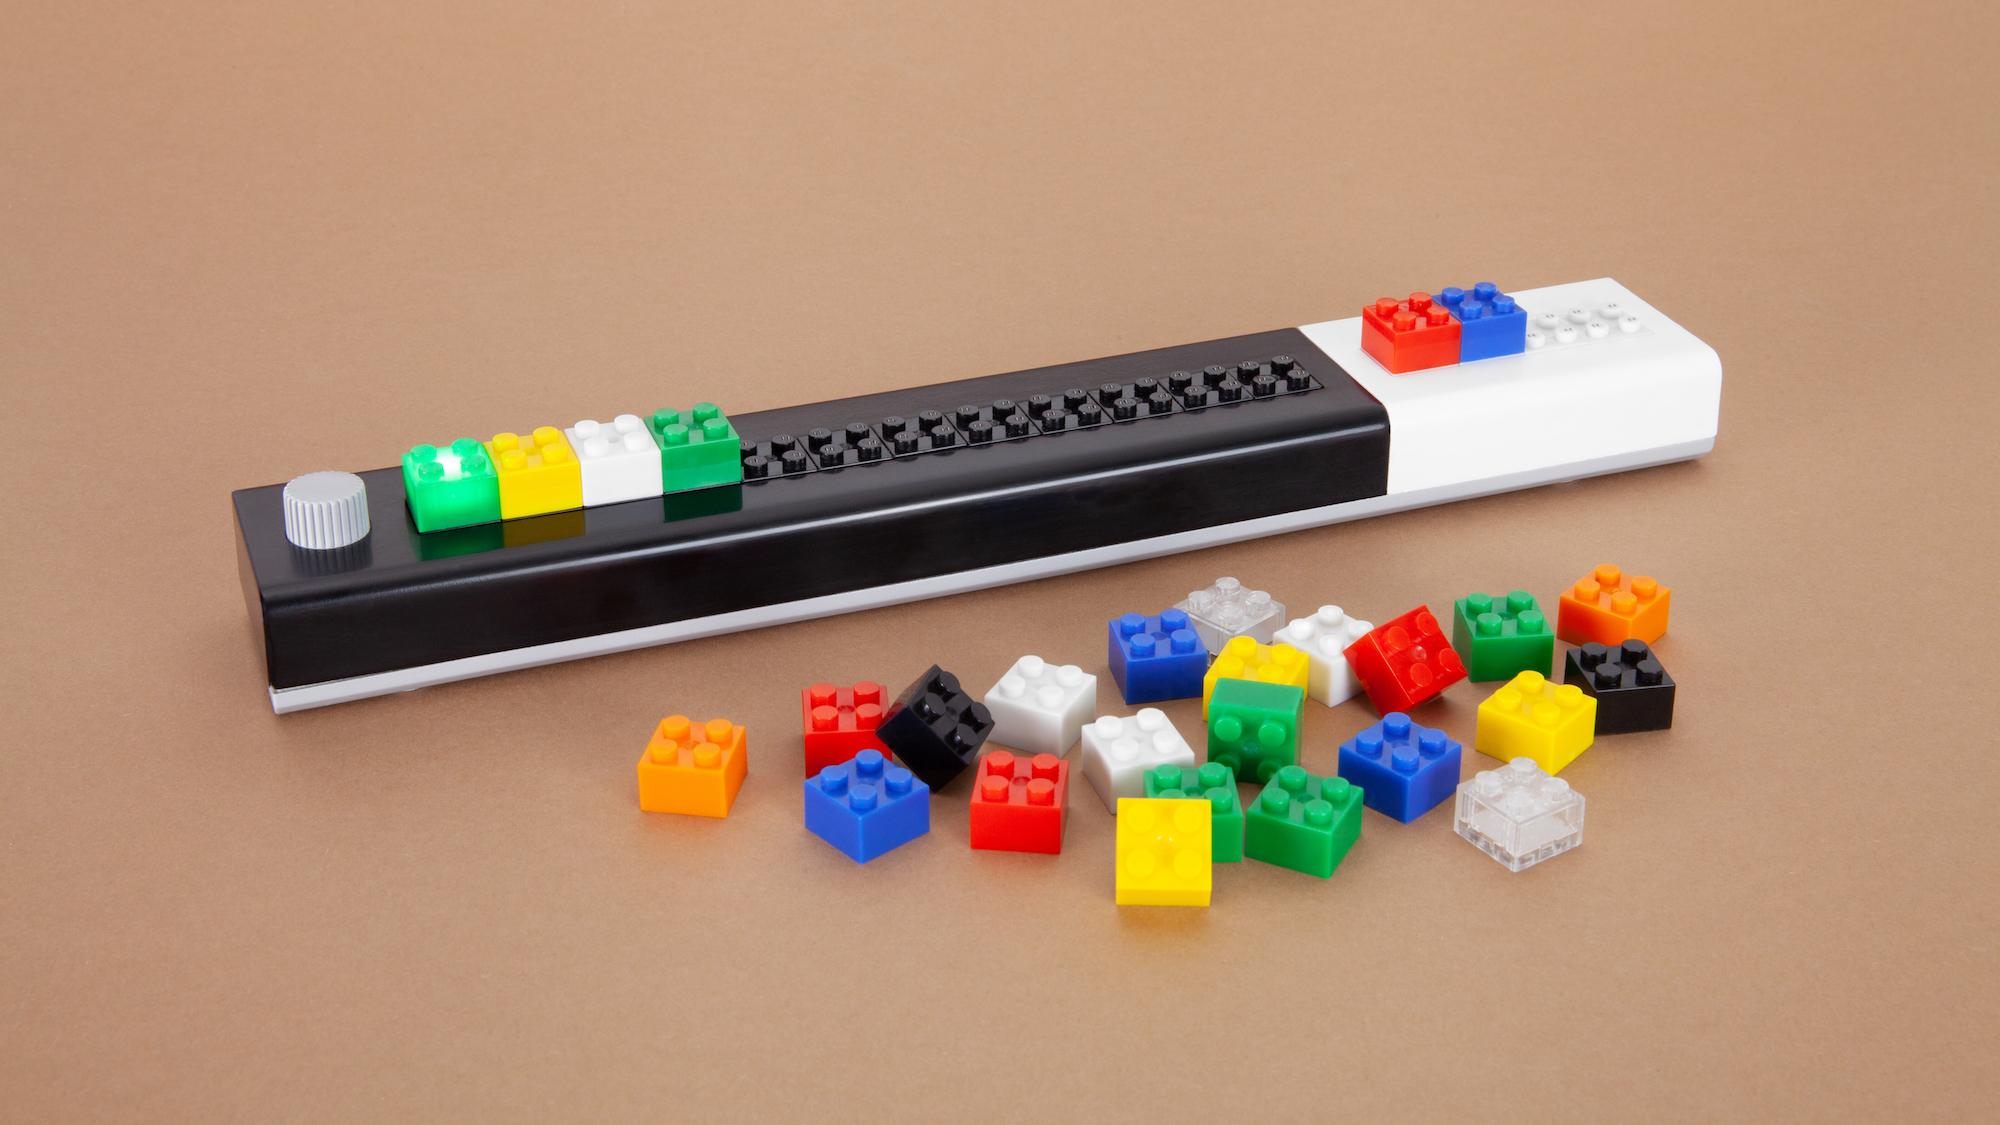 Tinkerbots Lomo: Programmieren lernen mit der IDE aus Lego-Steinen - Die Kommandoleiste (Bild: Tinkerbots)